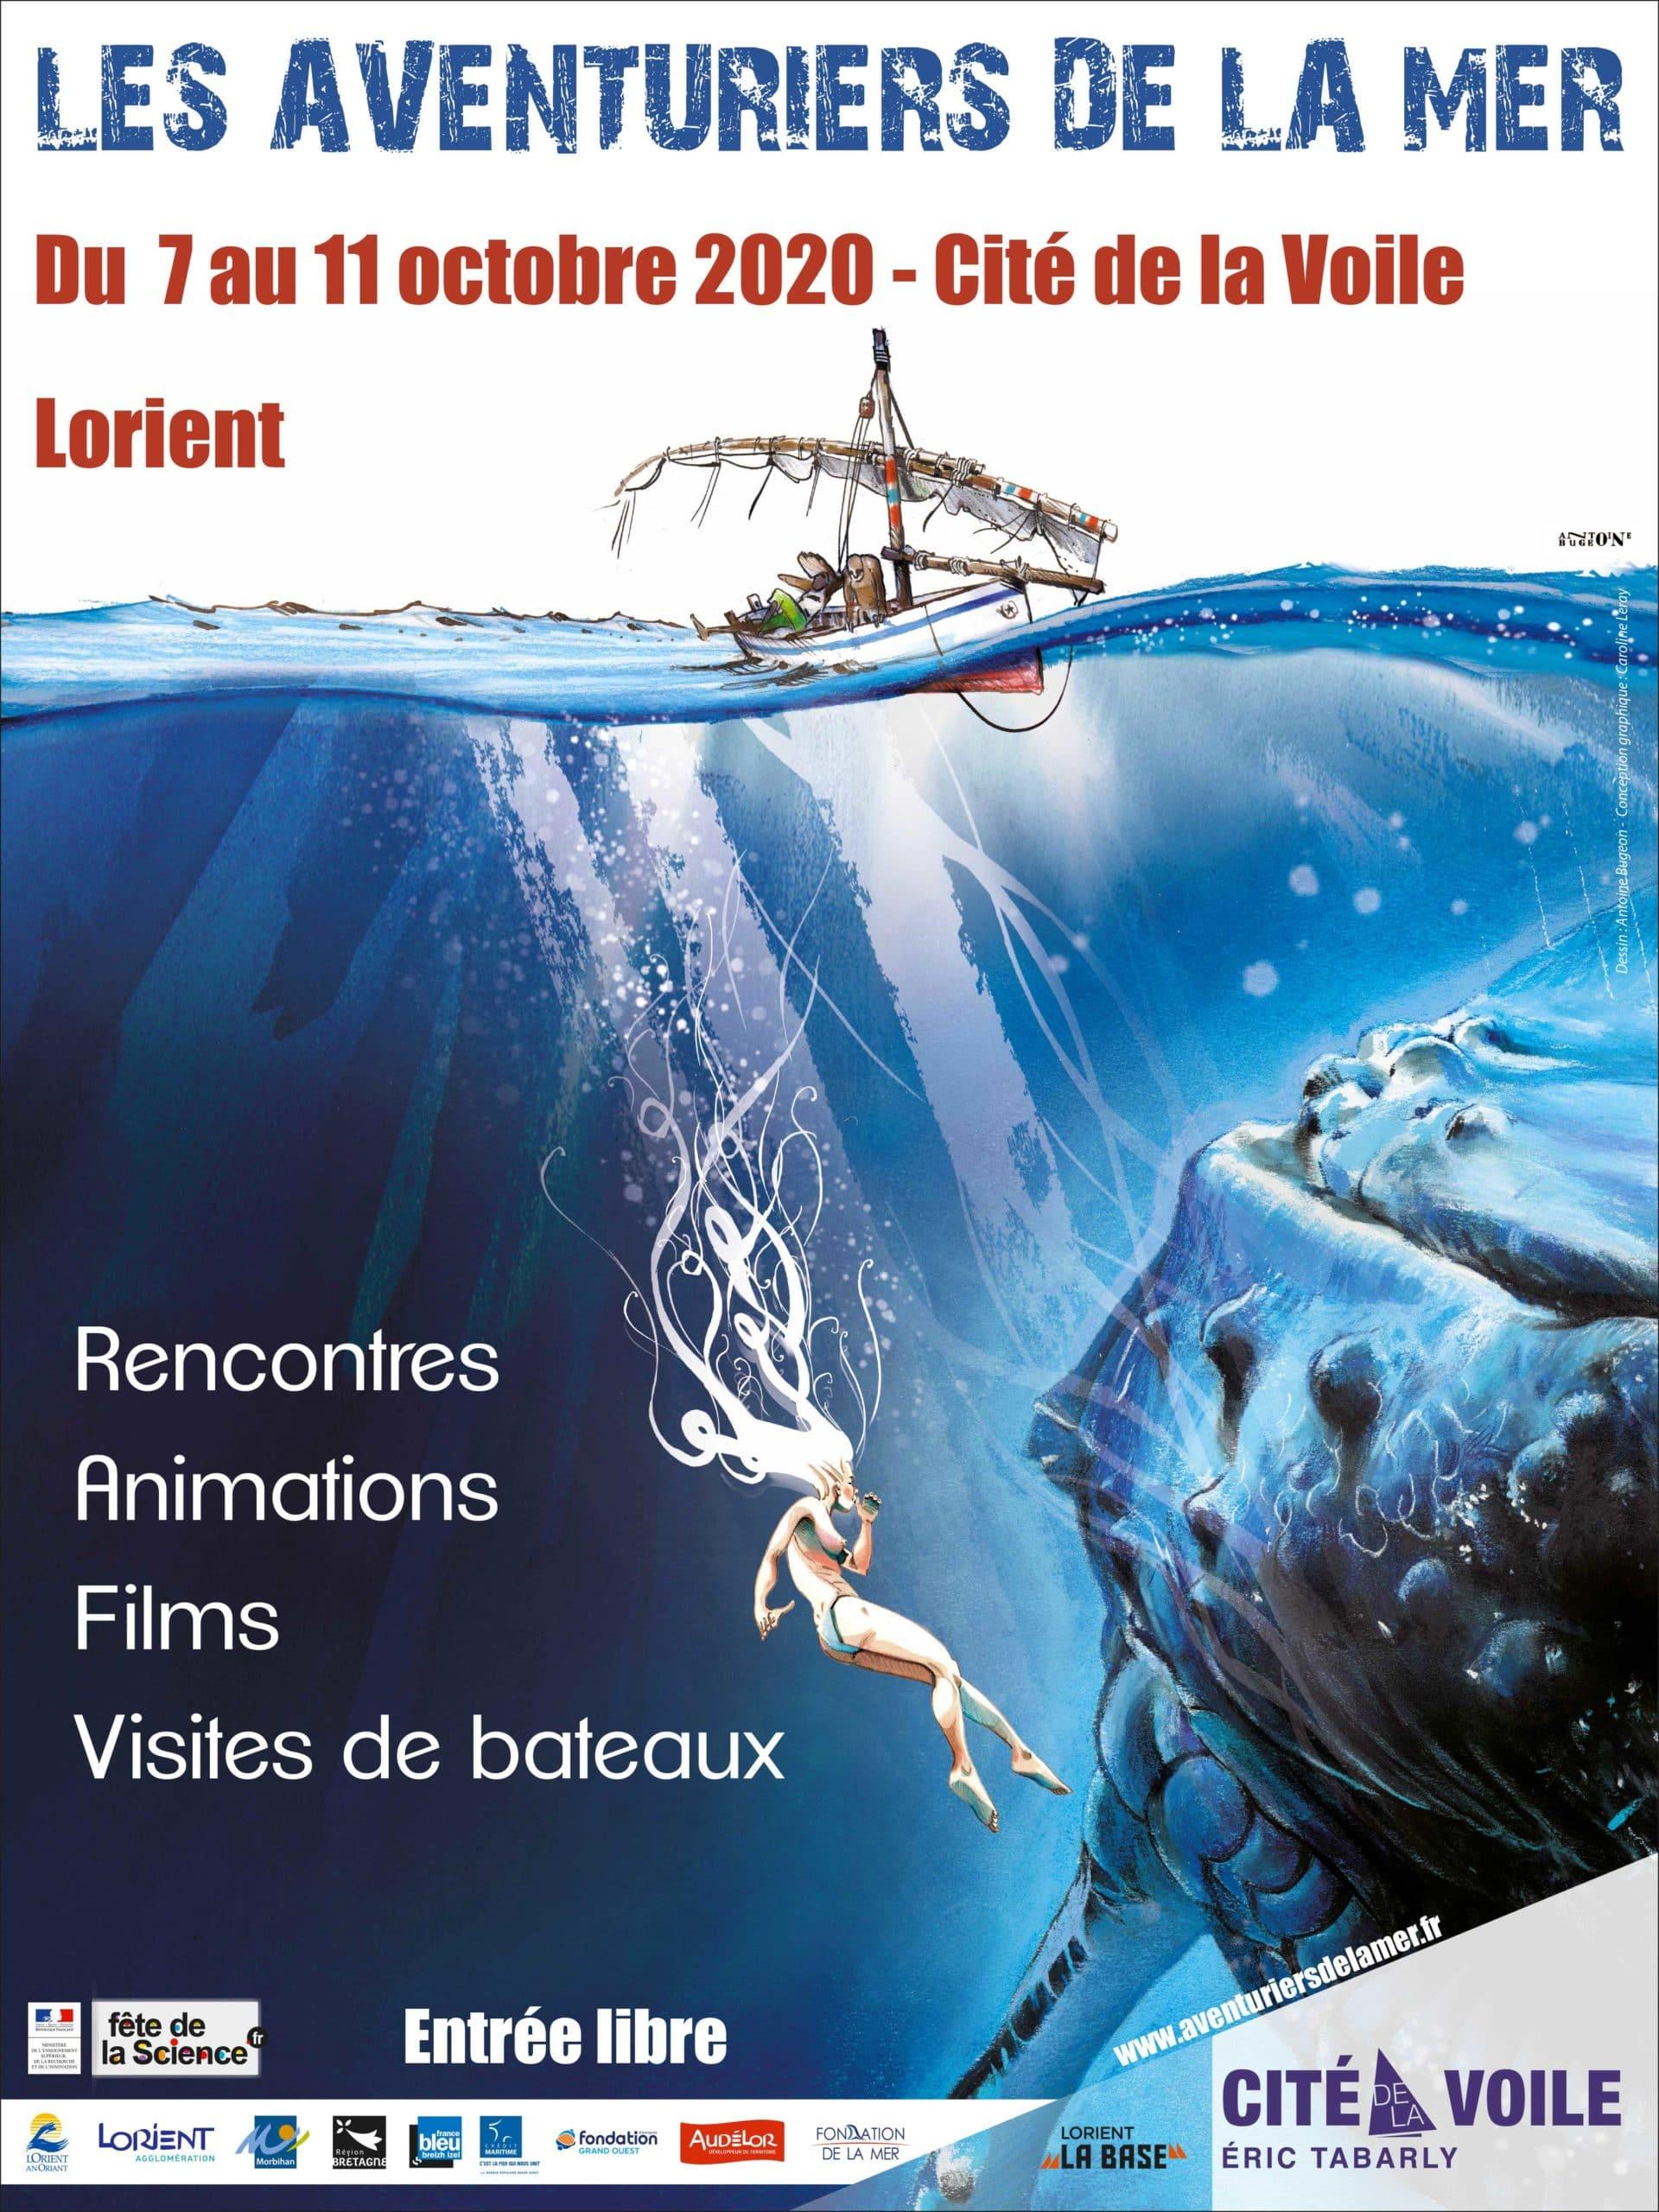 Le Festival des Aventuriers de la Mer largue les amarres à Lorient